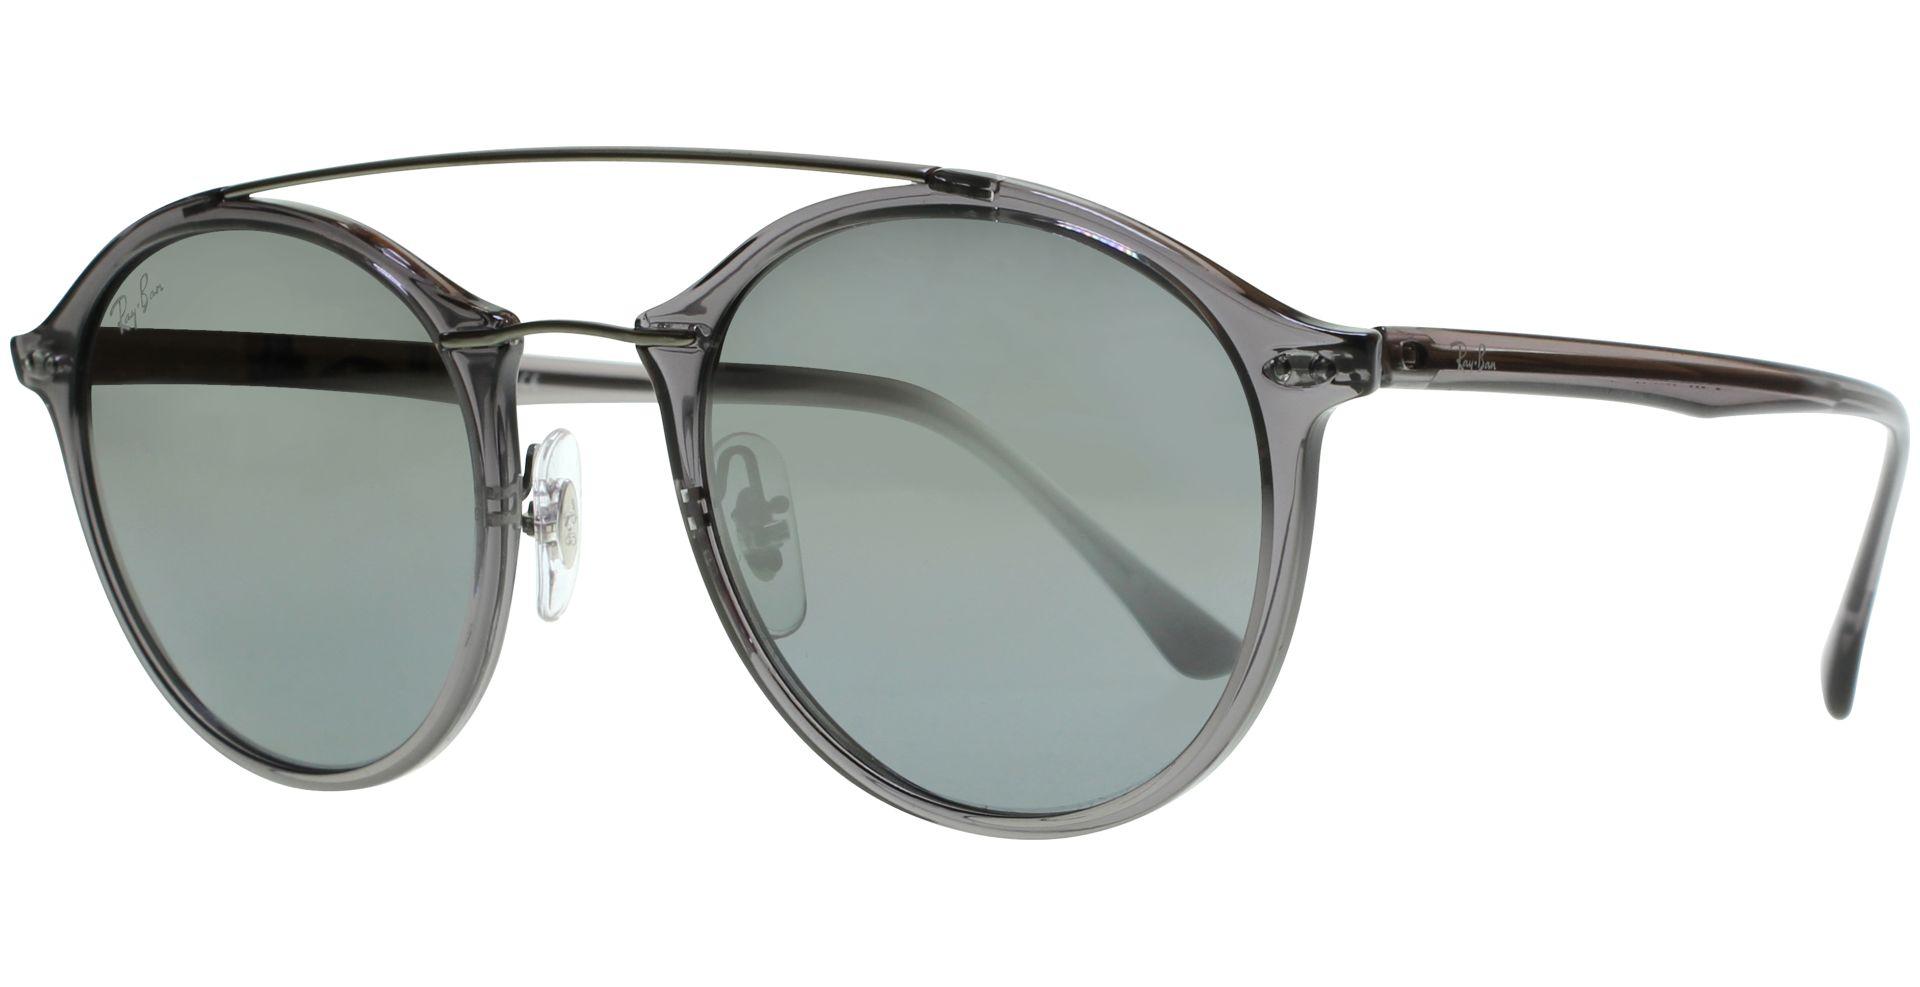 ray ban sonnenbrille geschliffene gläser